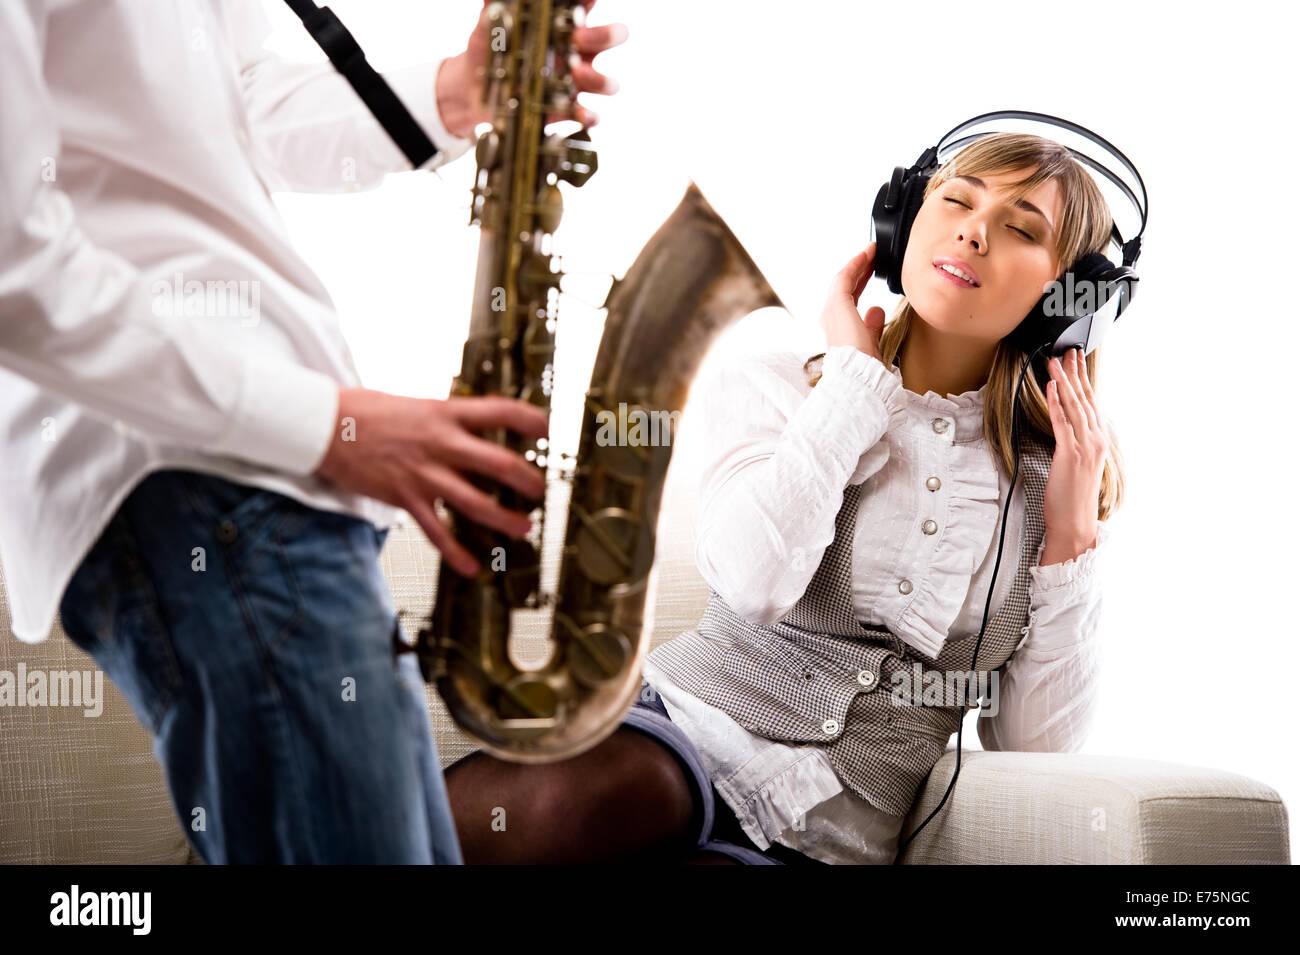 Girl Playing Sax Stock Photos  Girl Playing Sax Stock -8877